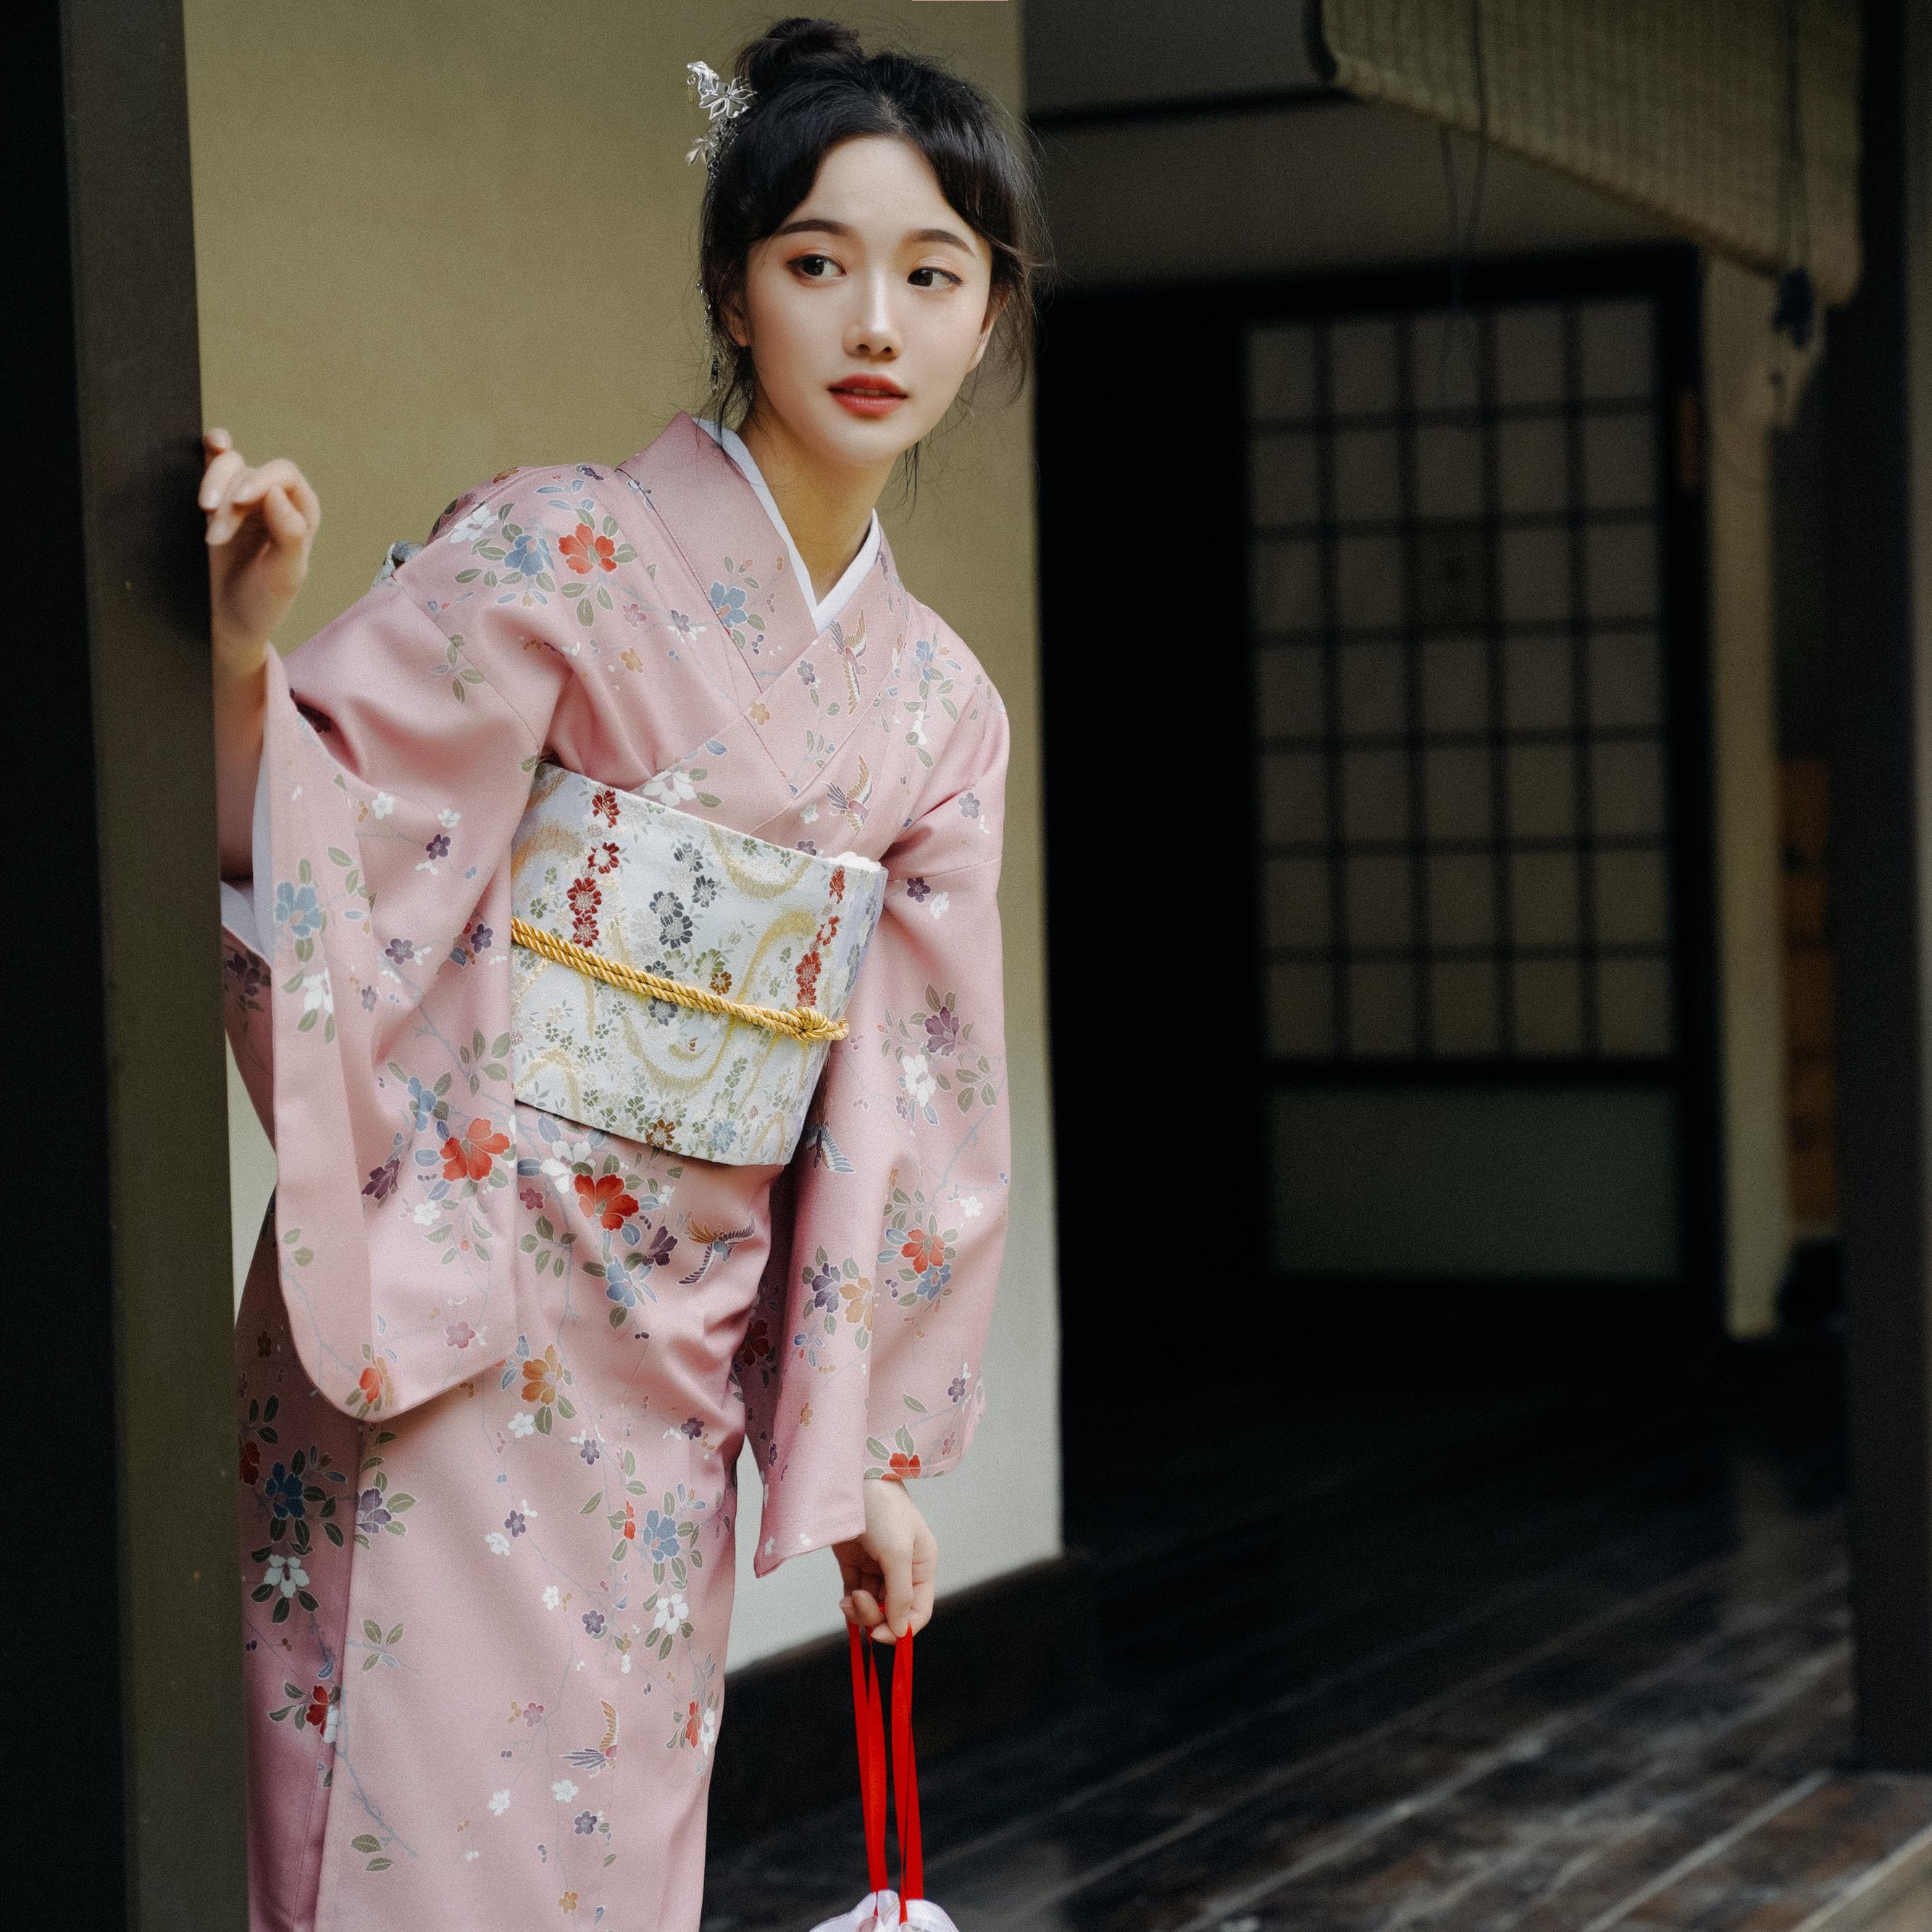 限时赏味少女日本浴衣复古日系摄影道具改良和服梦里花落知多少